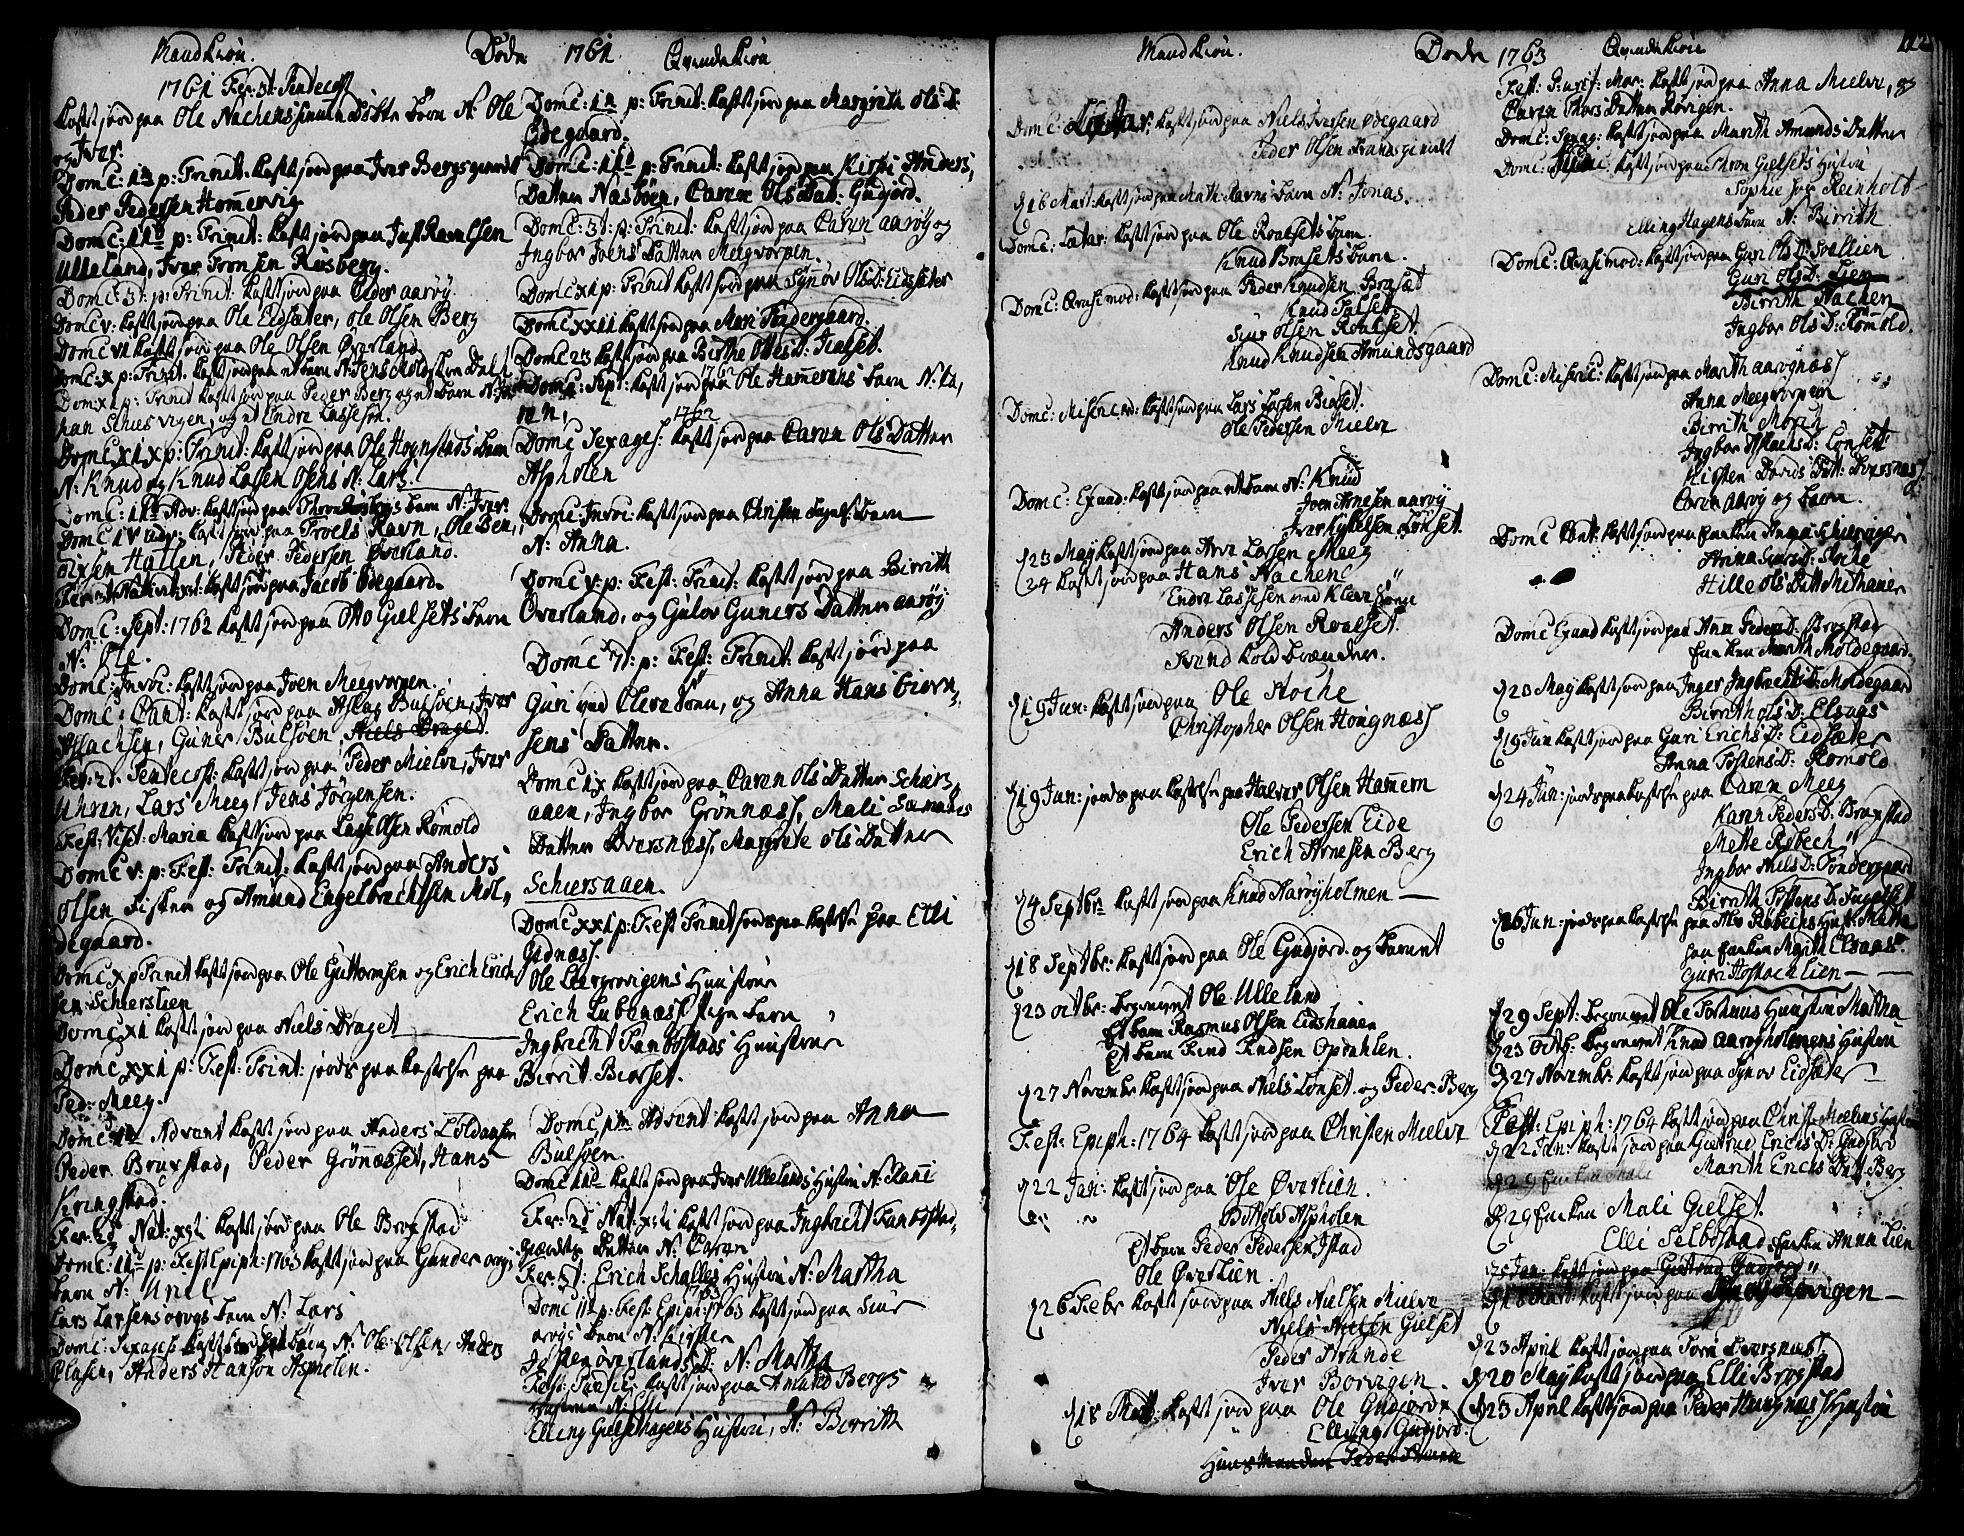 SAT, Ministerialprotokoller, klokkerbøker og fødselsregistre - Møre og Romsdal, 555/L0648: Ministerialbok nr. 555A01, 1759-1793, s. 112